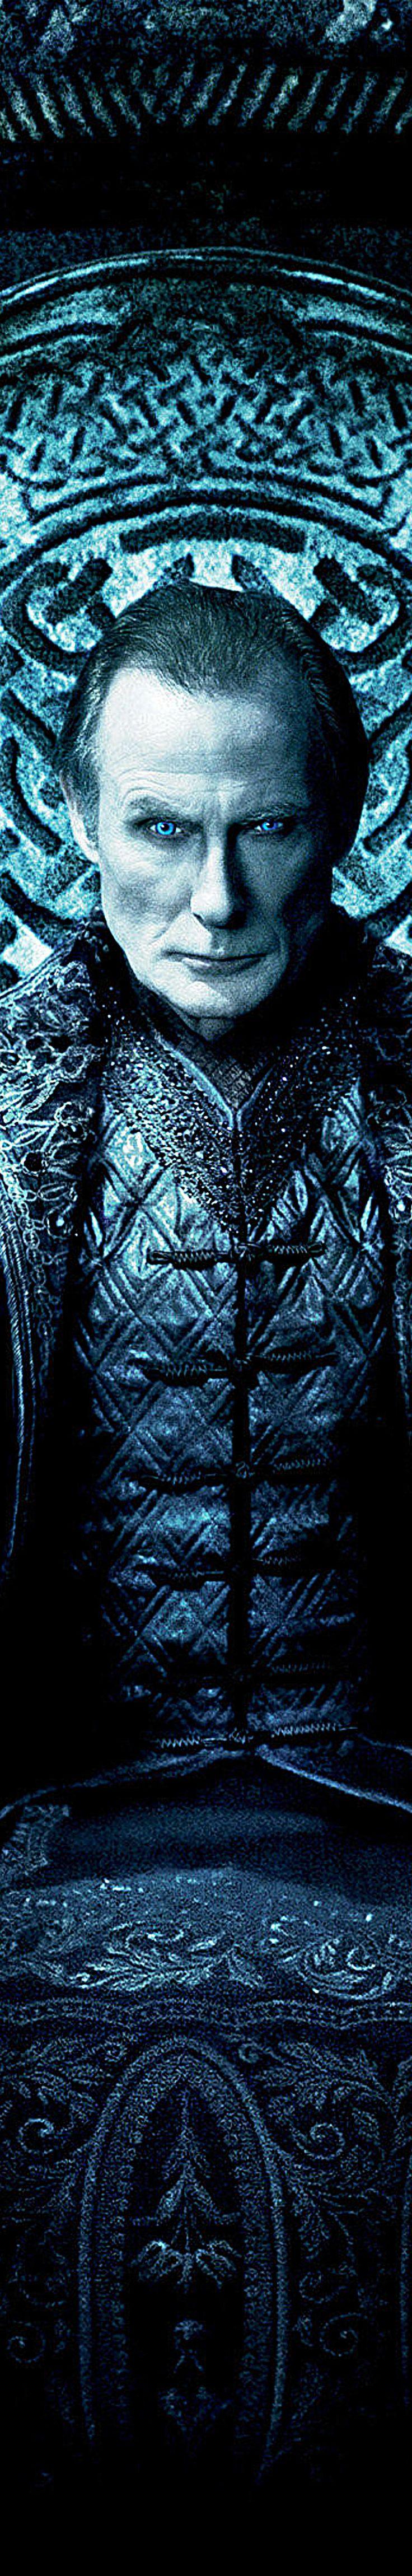 Underworld - Viktor #vampire #ancient